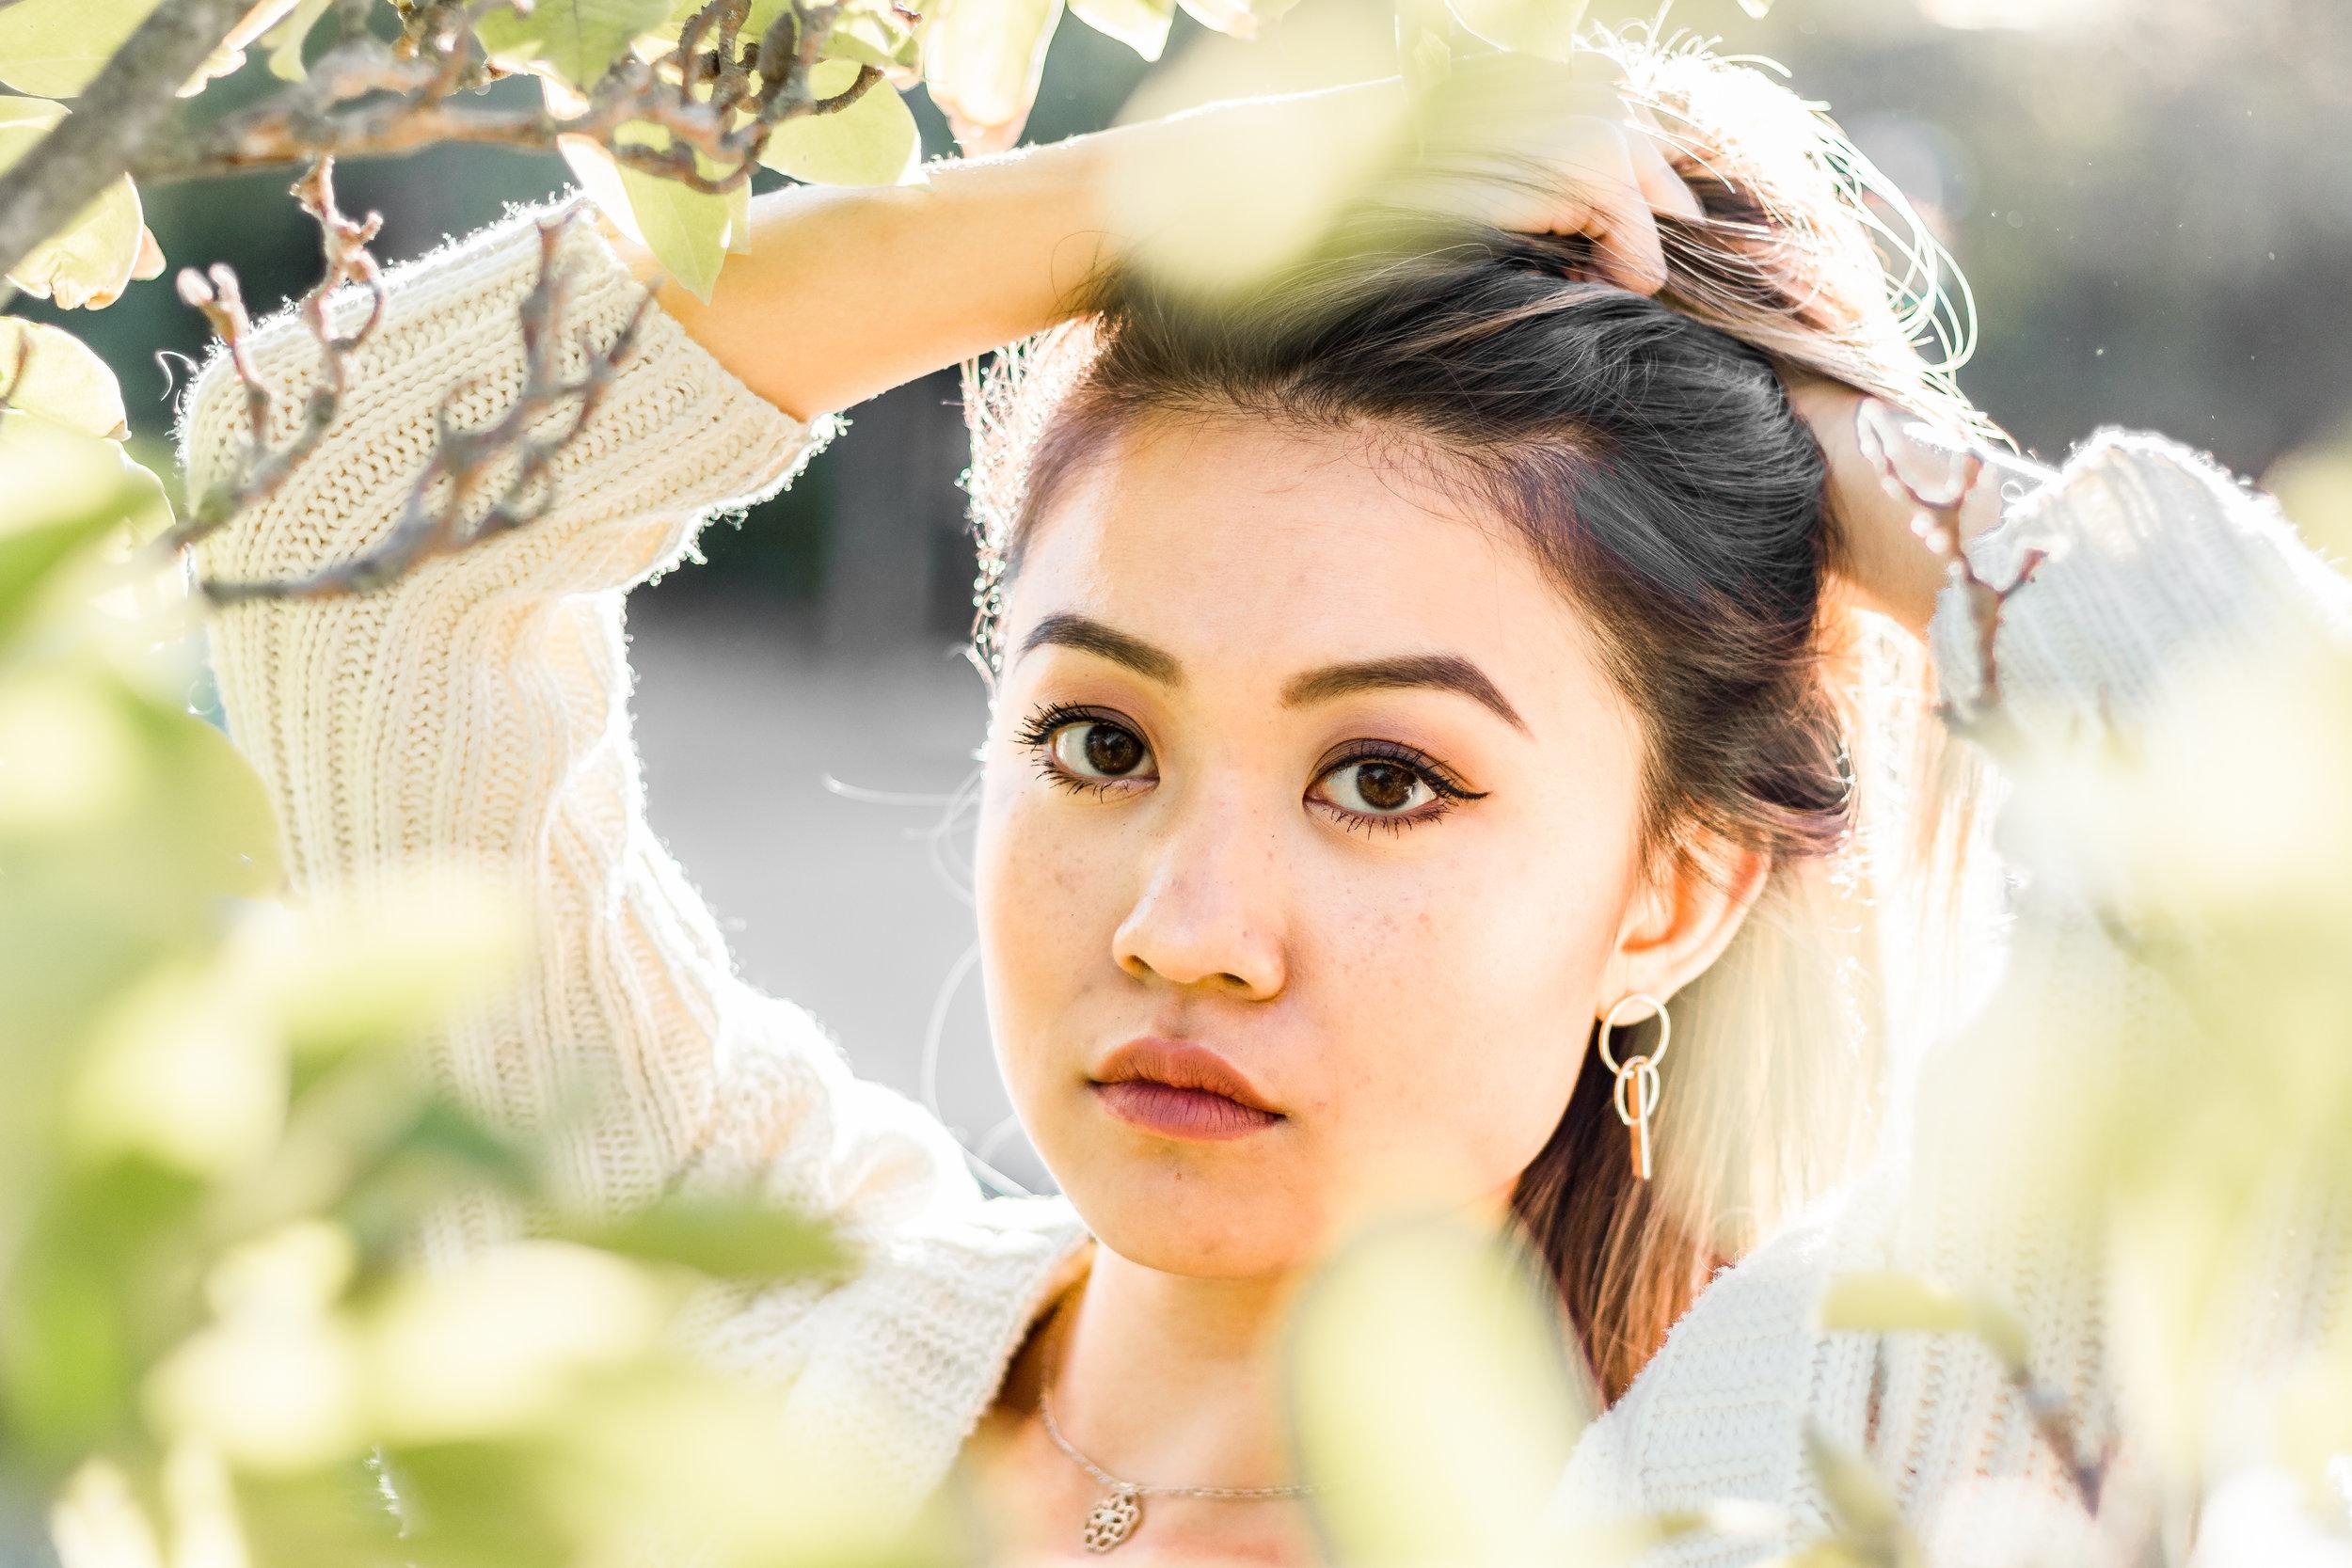 2017 10 21 Junyi Zheng INSTA.jpg